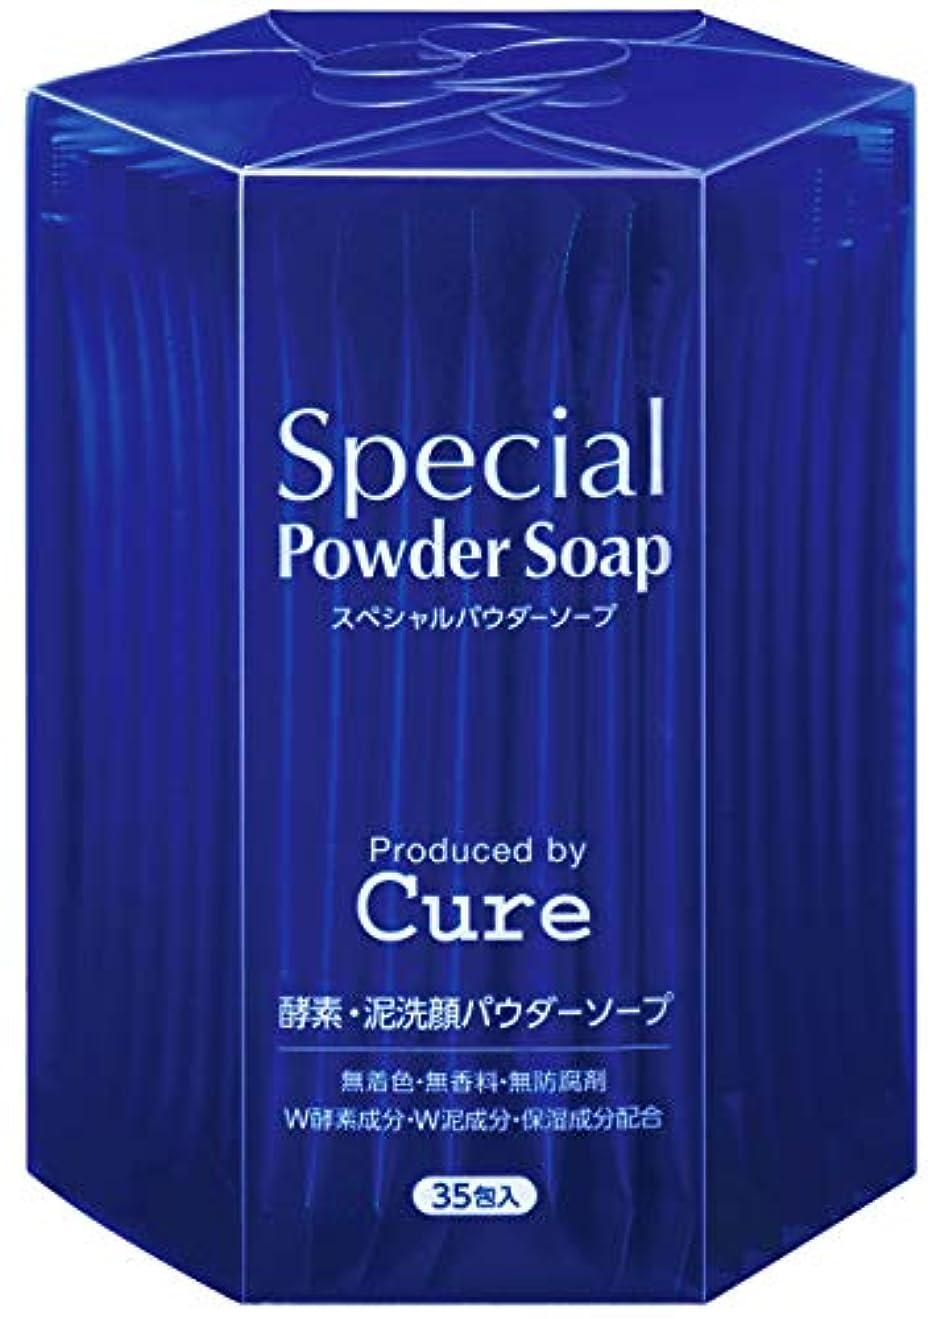 立法悪性あえぎCure(キュア) 酵素洗顔 Special Powder Soap Cure スペシャルパウダーソープキュア 0.6g×35包 g×35包